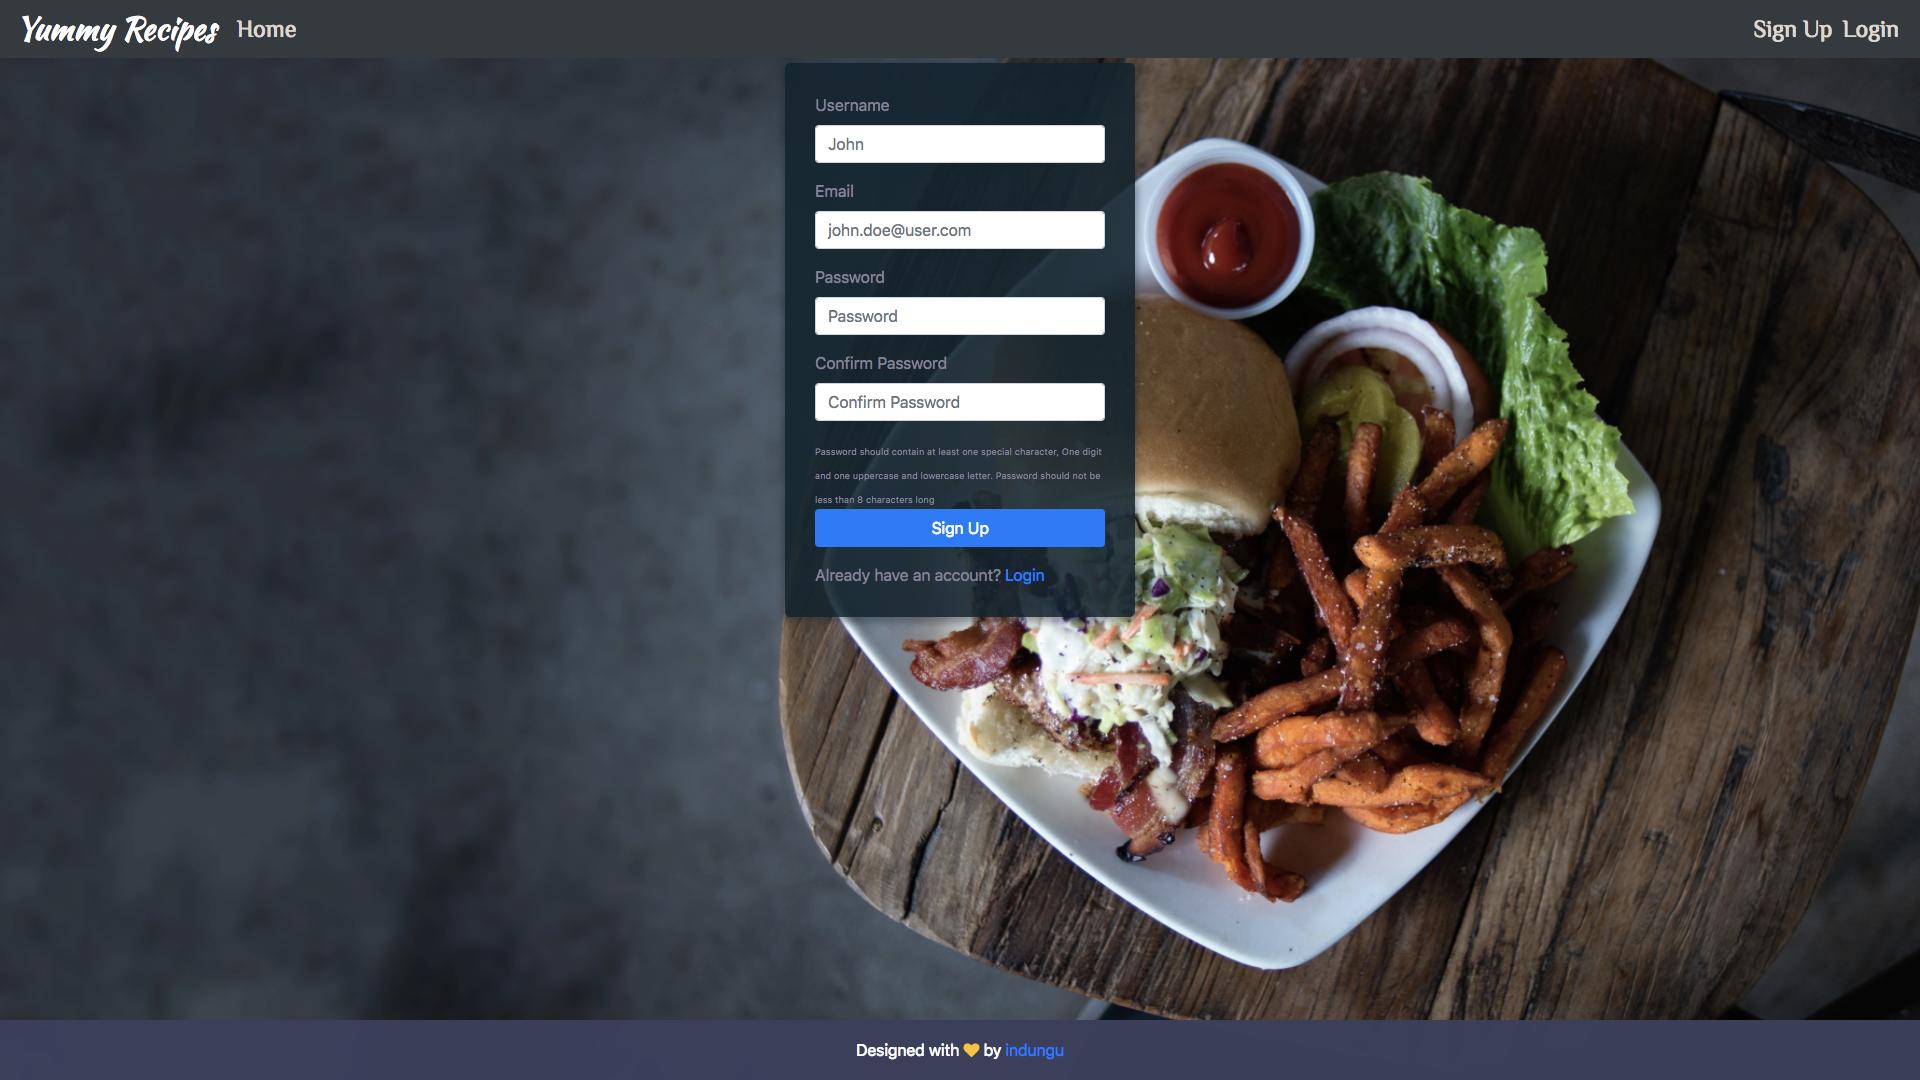 GitHub - indungu/yummy-react: A React Frontend